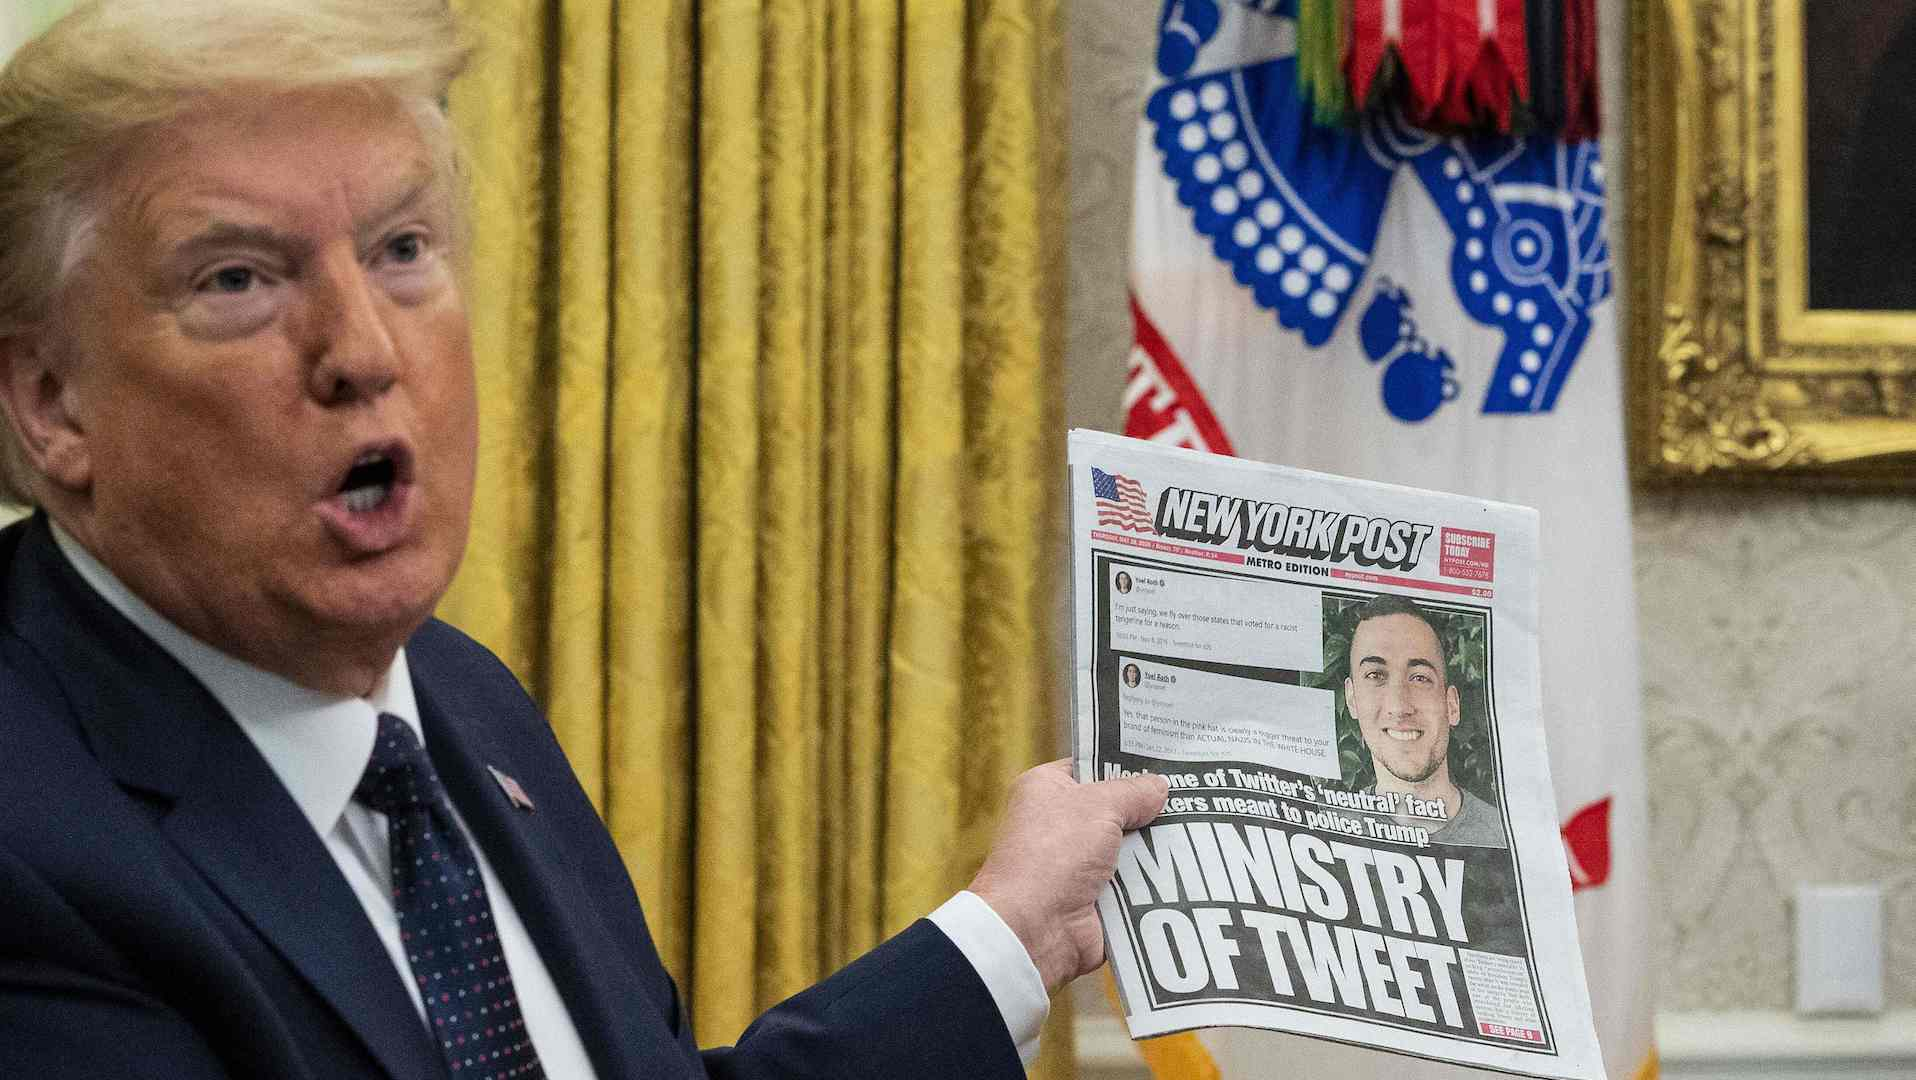 特朗普:对涉嫌审查保守派用户的社群媒体网站采取法律行动